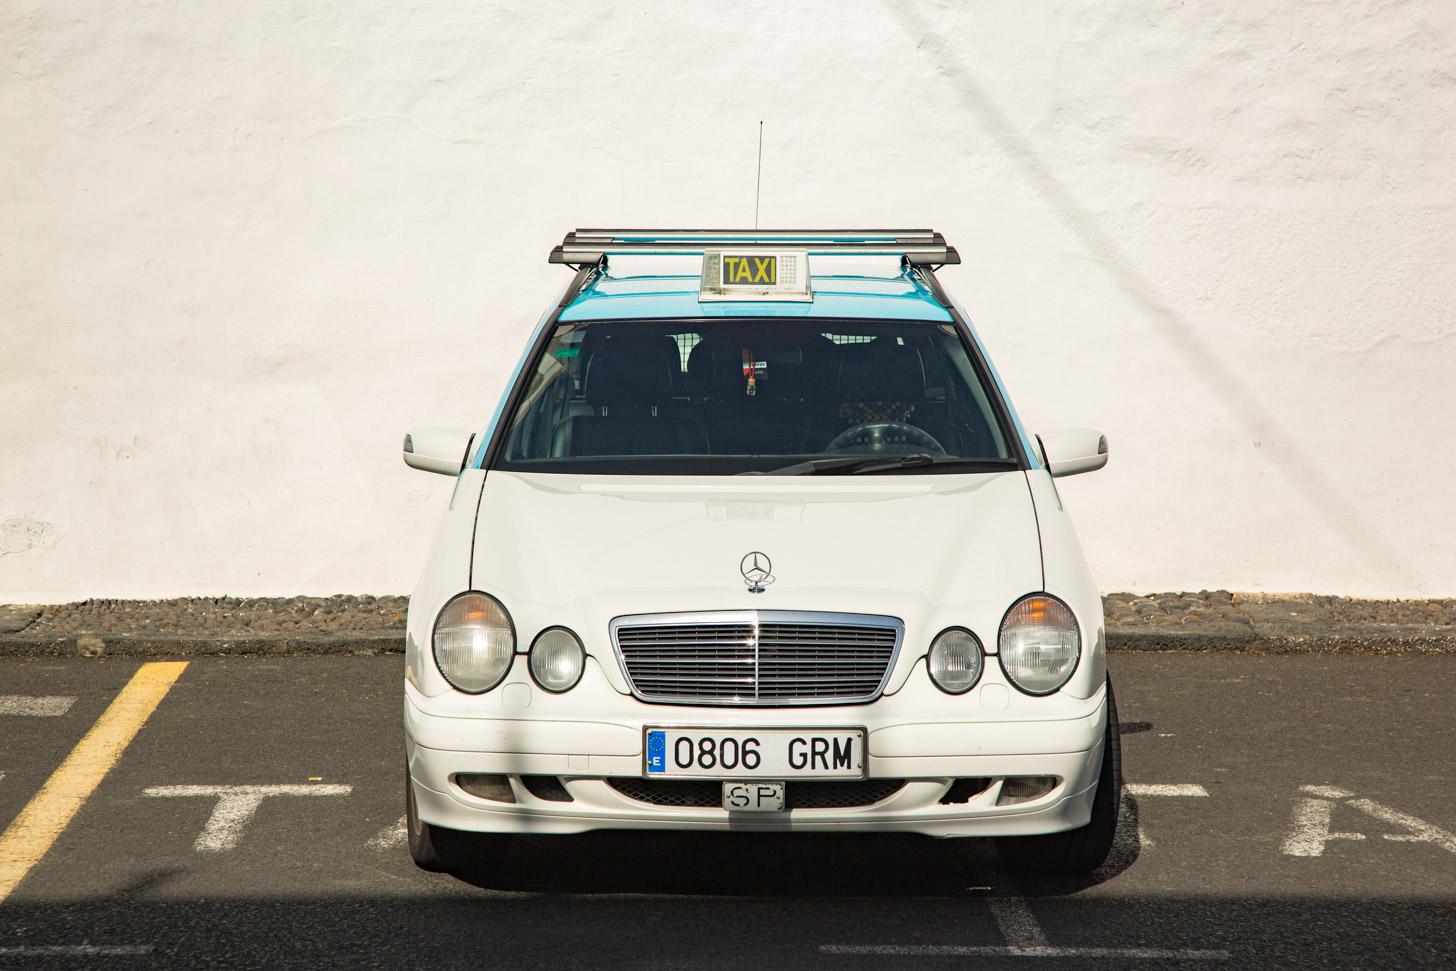 Een taxi wacht op klanten